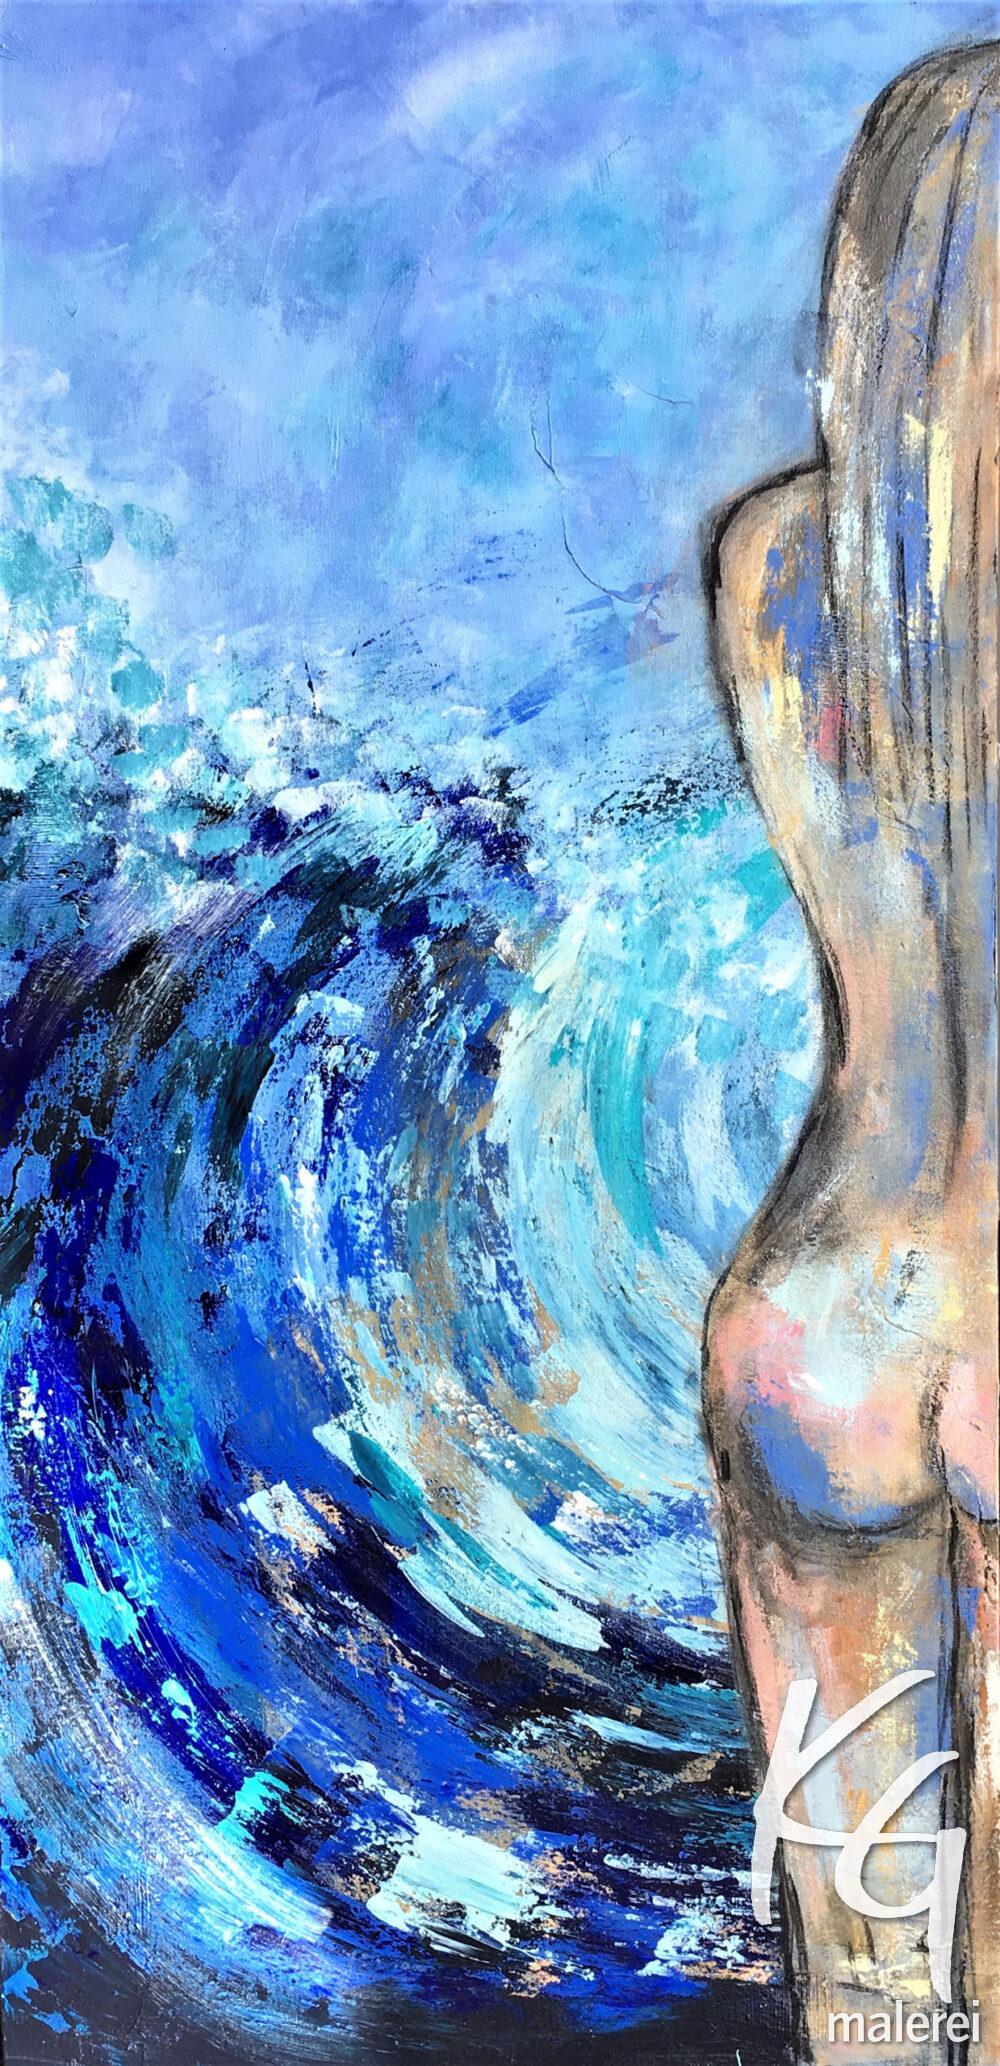 Das Gemälde Weiblicher Akt Haut nackte Haut und Wellen zeigt eine junge, blonde Frau in Rückenansicht, die vor einer Welle steht, der Stil ist modern und abstrahiert